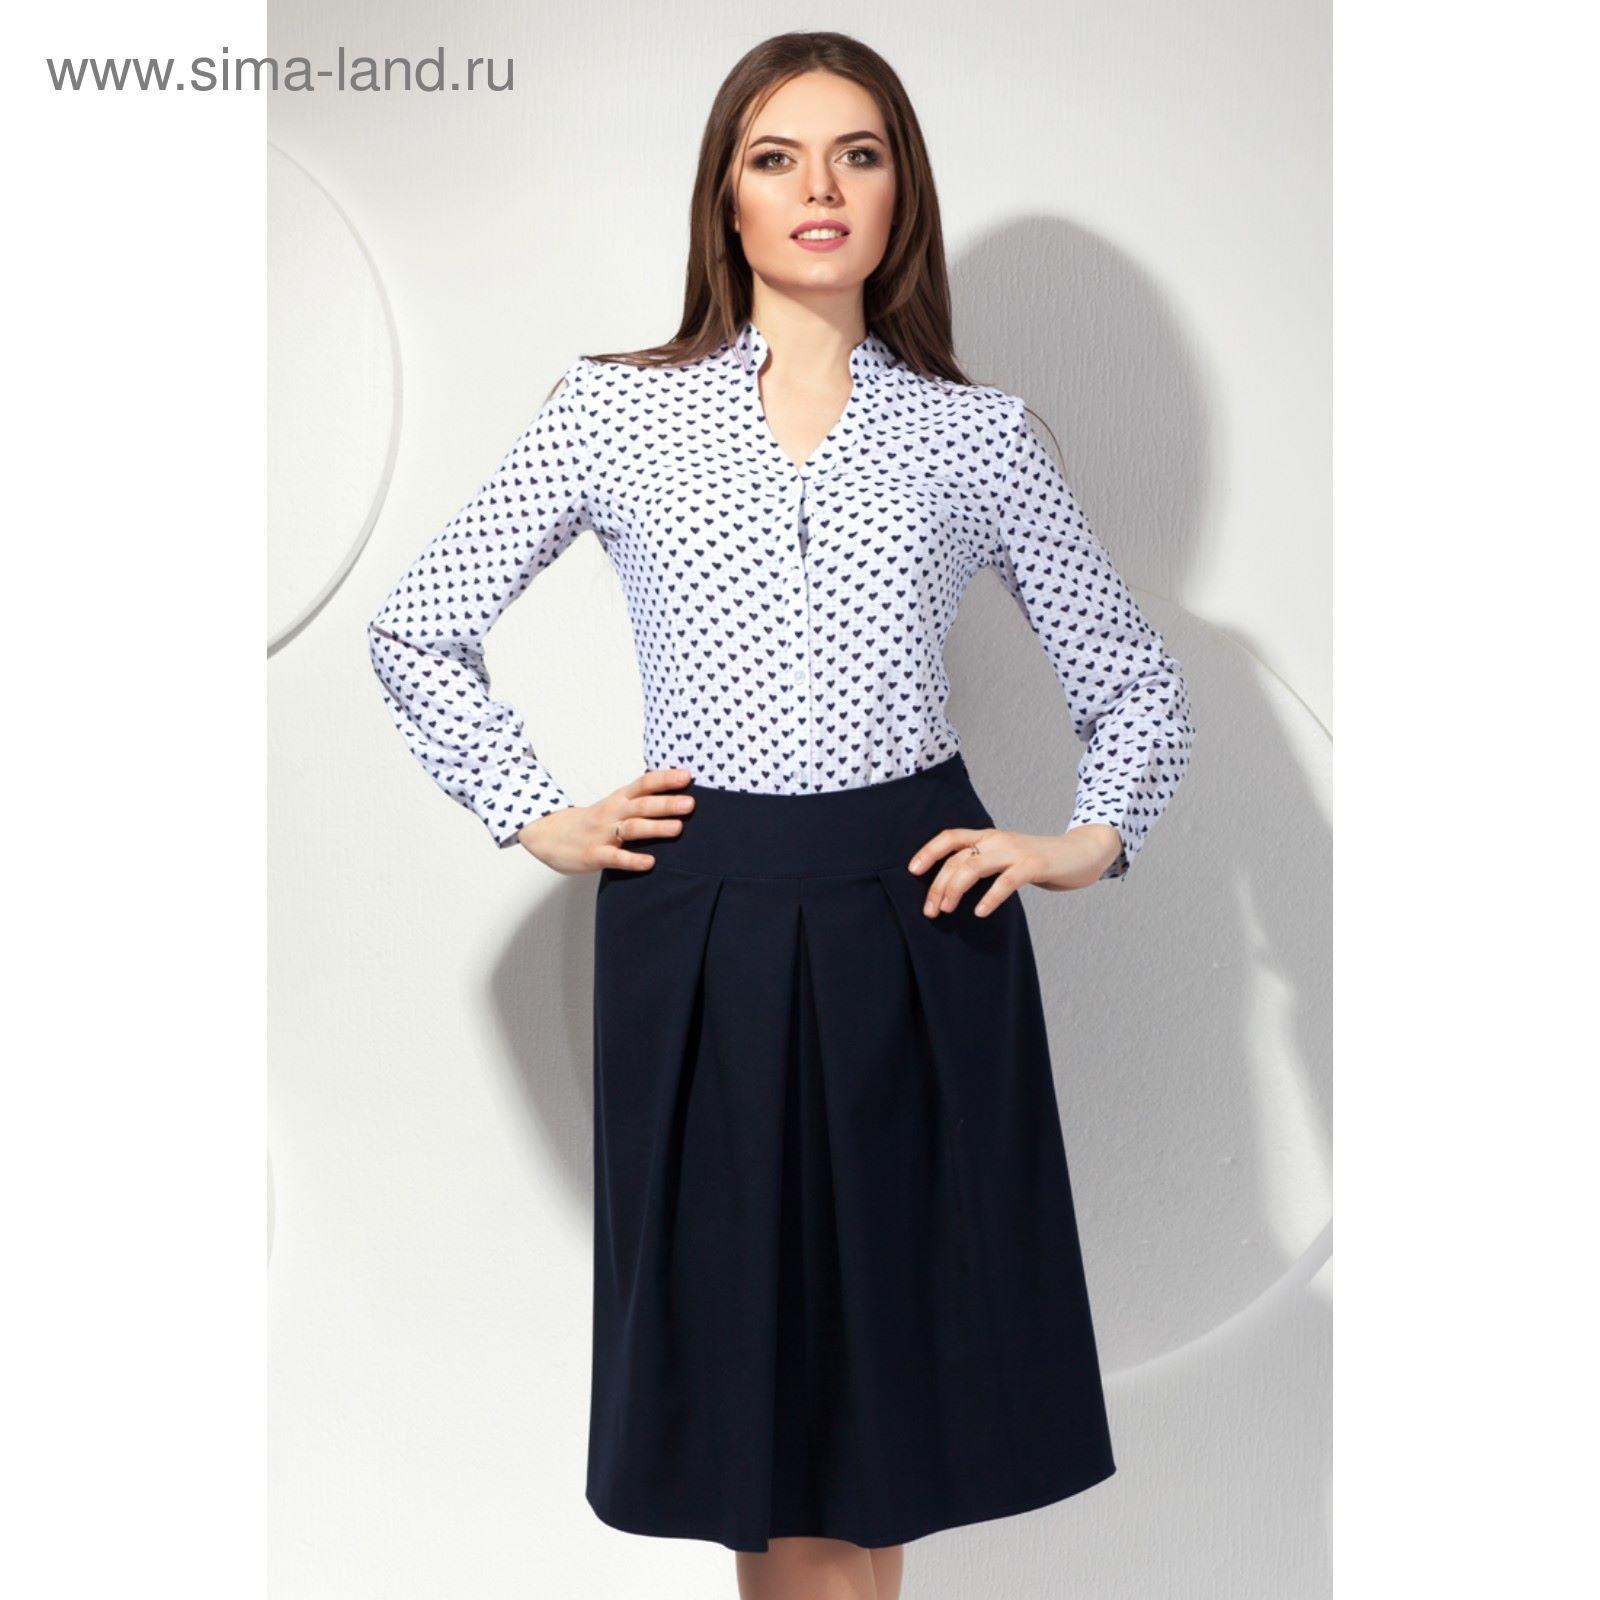 Юбка женская, размер 48, цвет тёмно-синий Ю-168 1 (2720443) - Купить ... 6e3503ea2c5